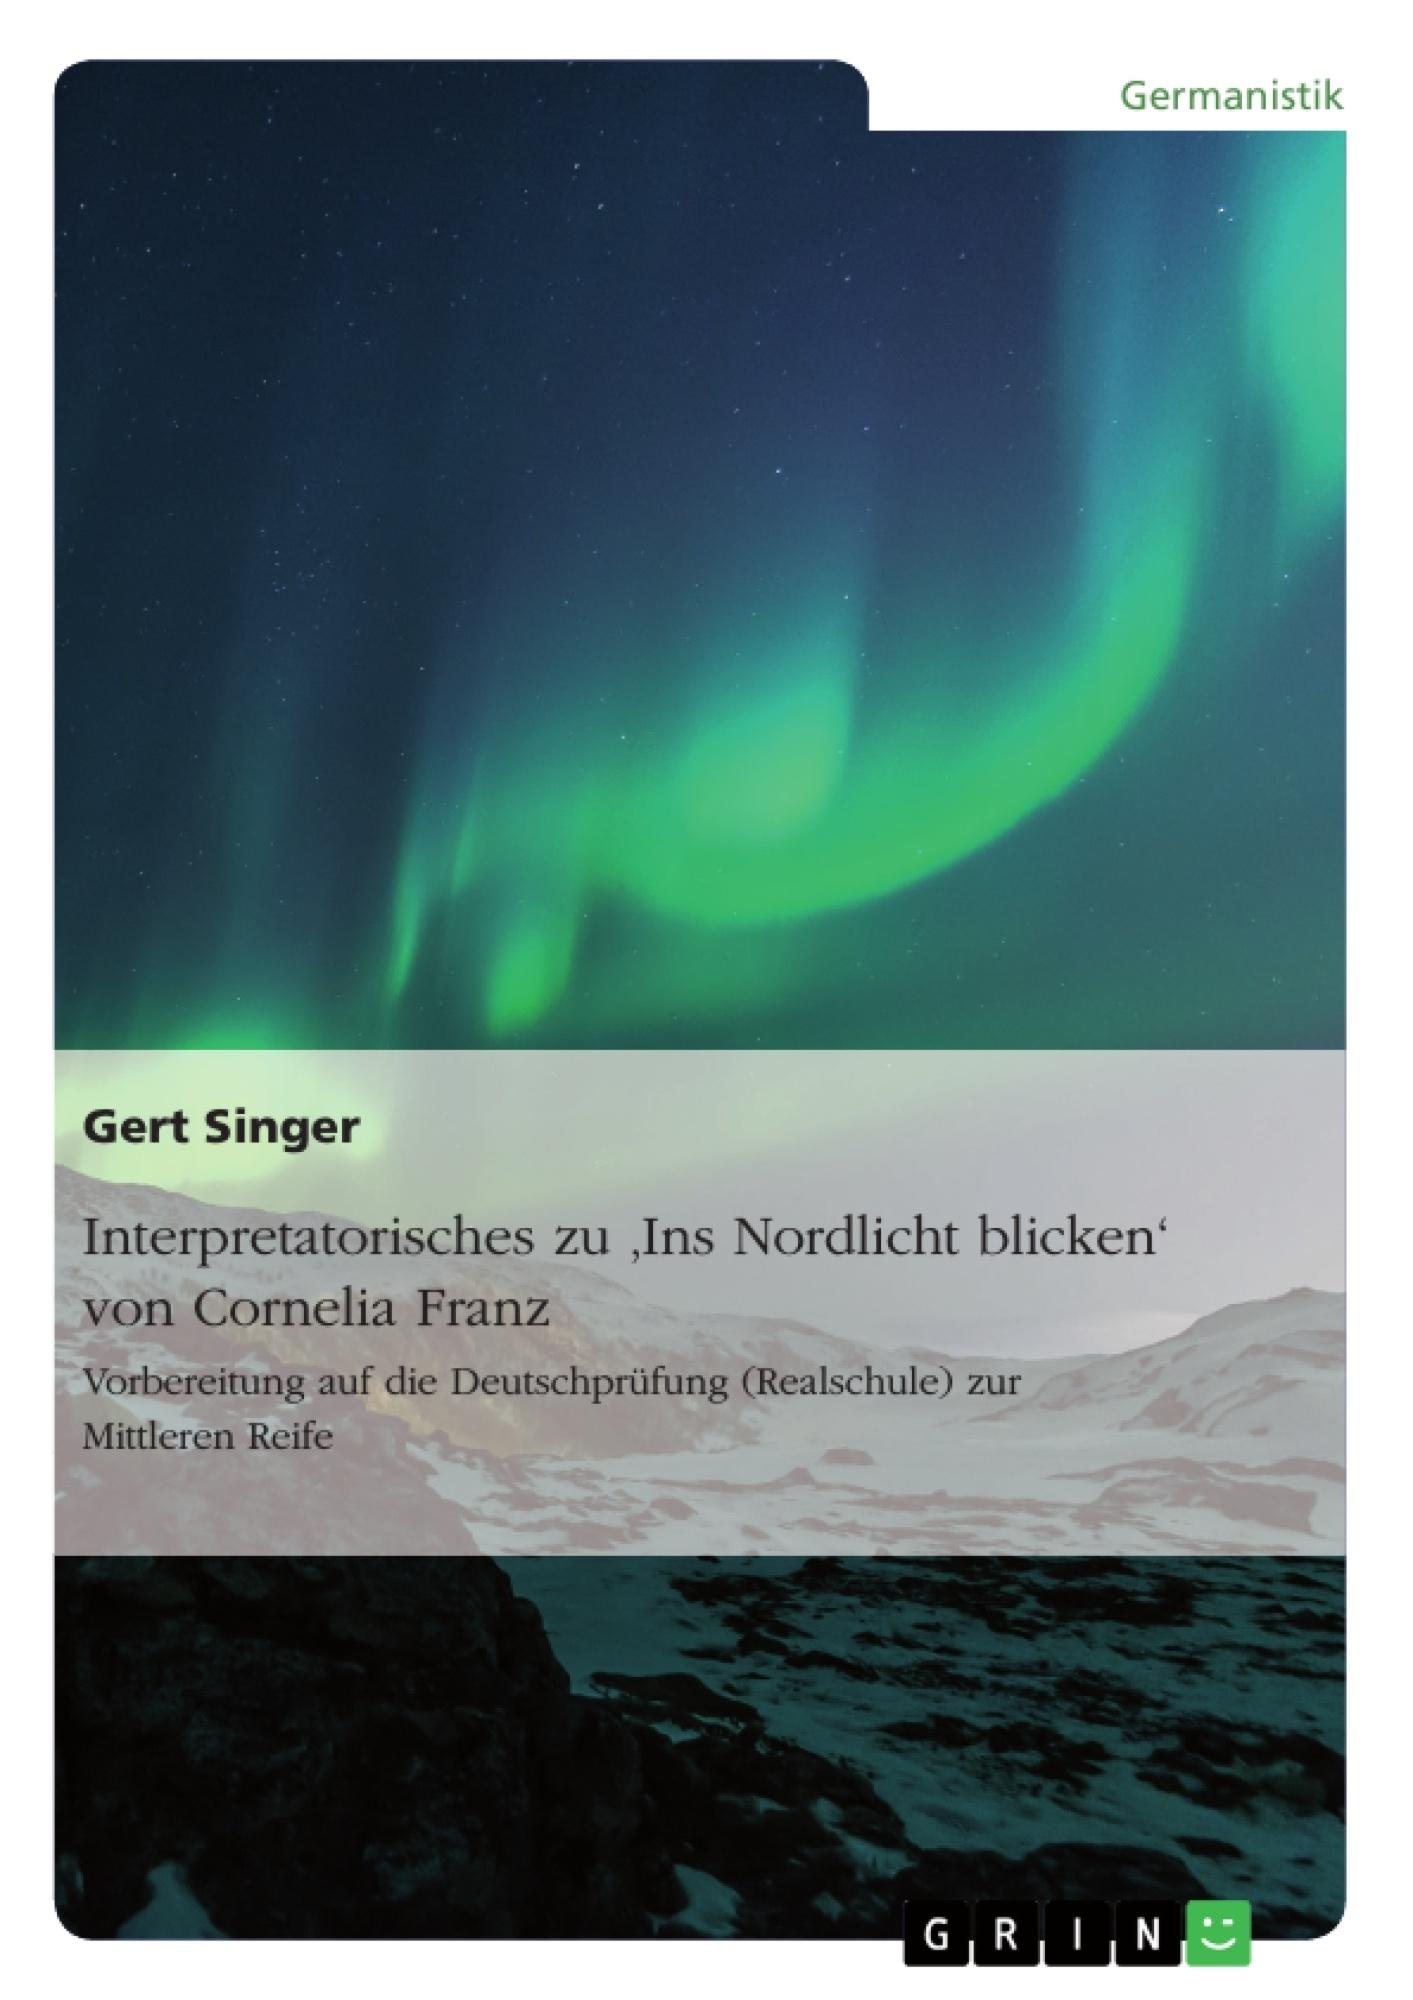 Titel: Interpretatorisches zu 'Ins Nordlicht blicken' von Cornelia Franz. Vorbereitung auf die Deutschprüfung (Realschule) zur Mittleren Reife